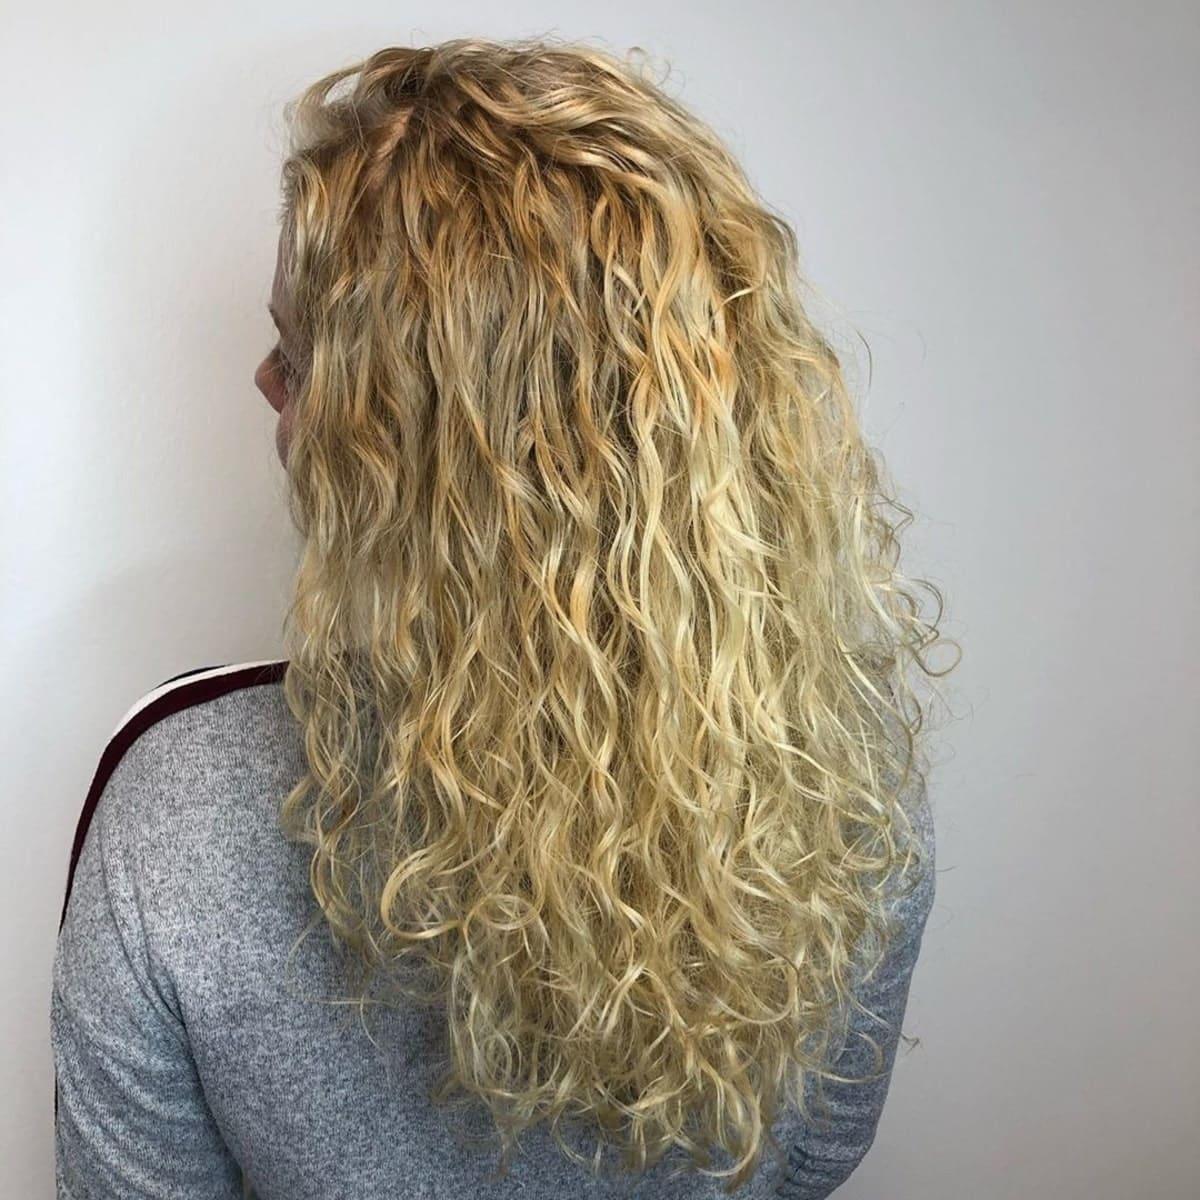 permanente ondulée en spirale sur cheveux blonds